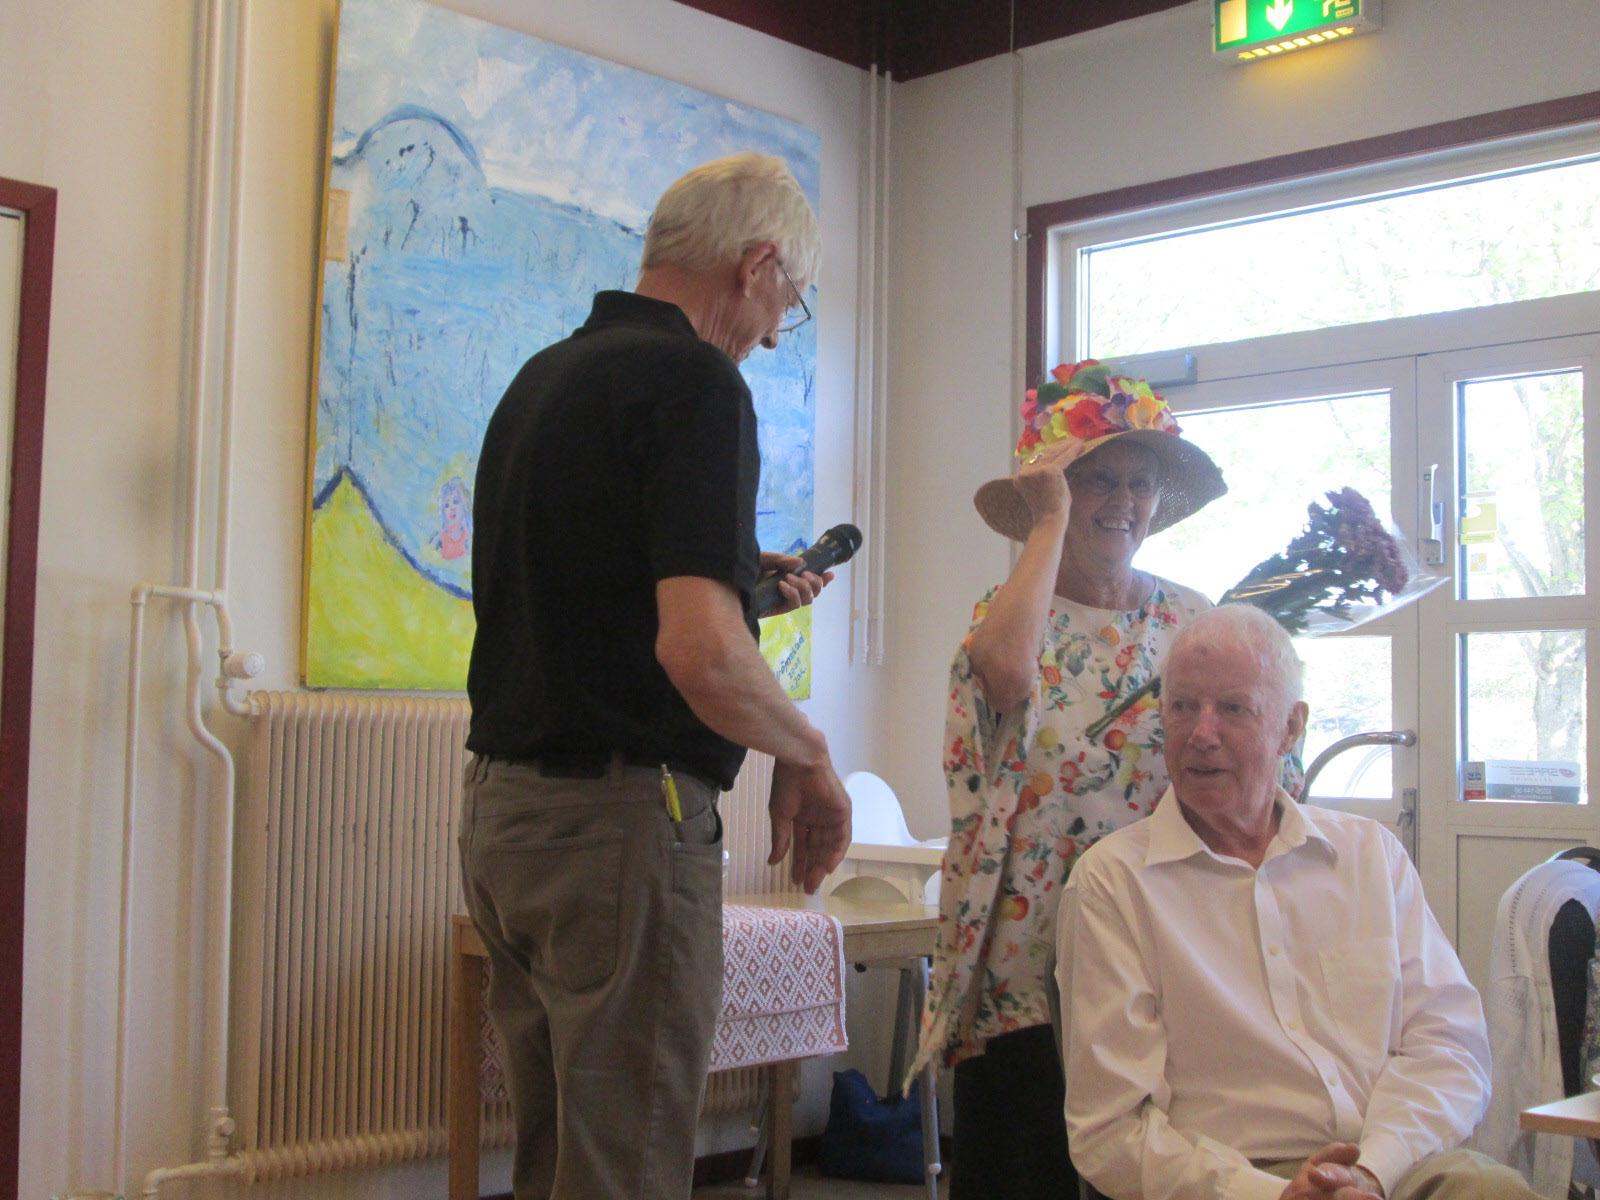 Finaste-hatten-priset fick Barbro Nilsson